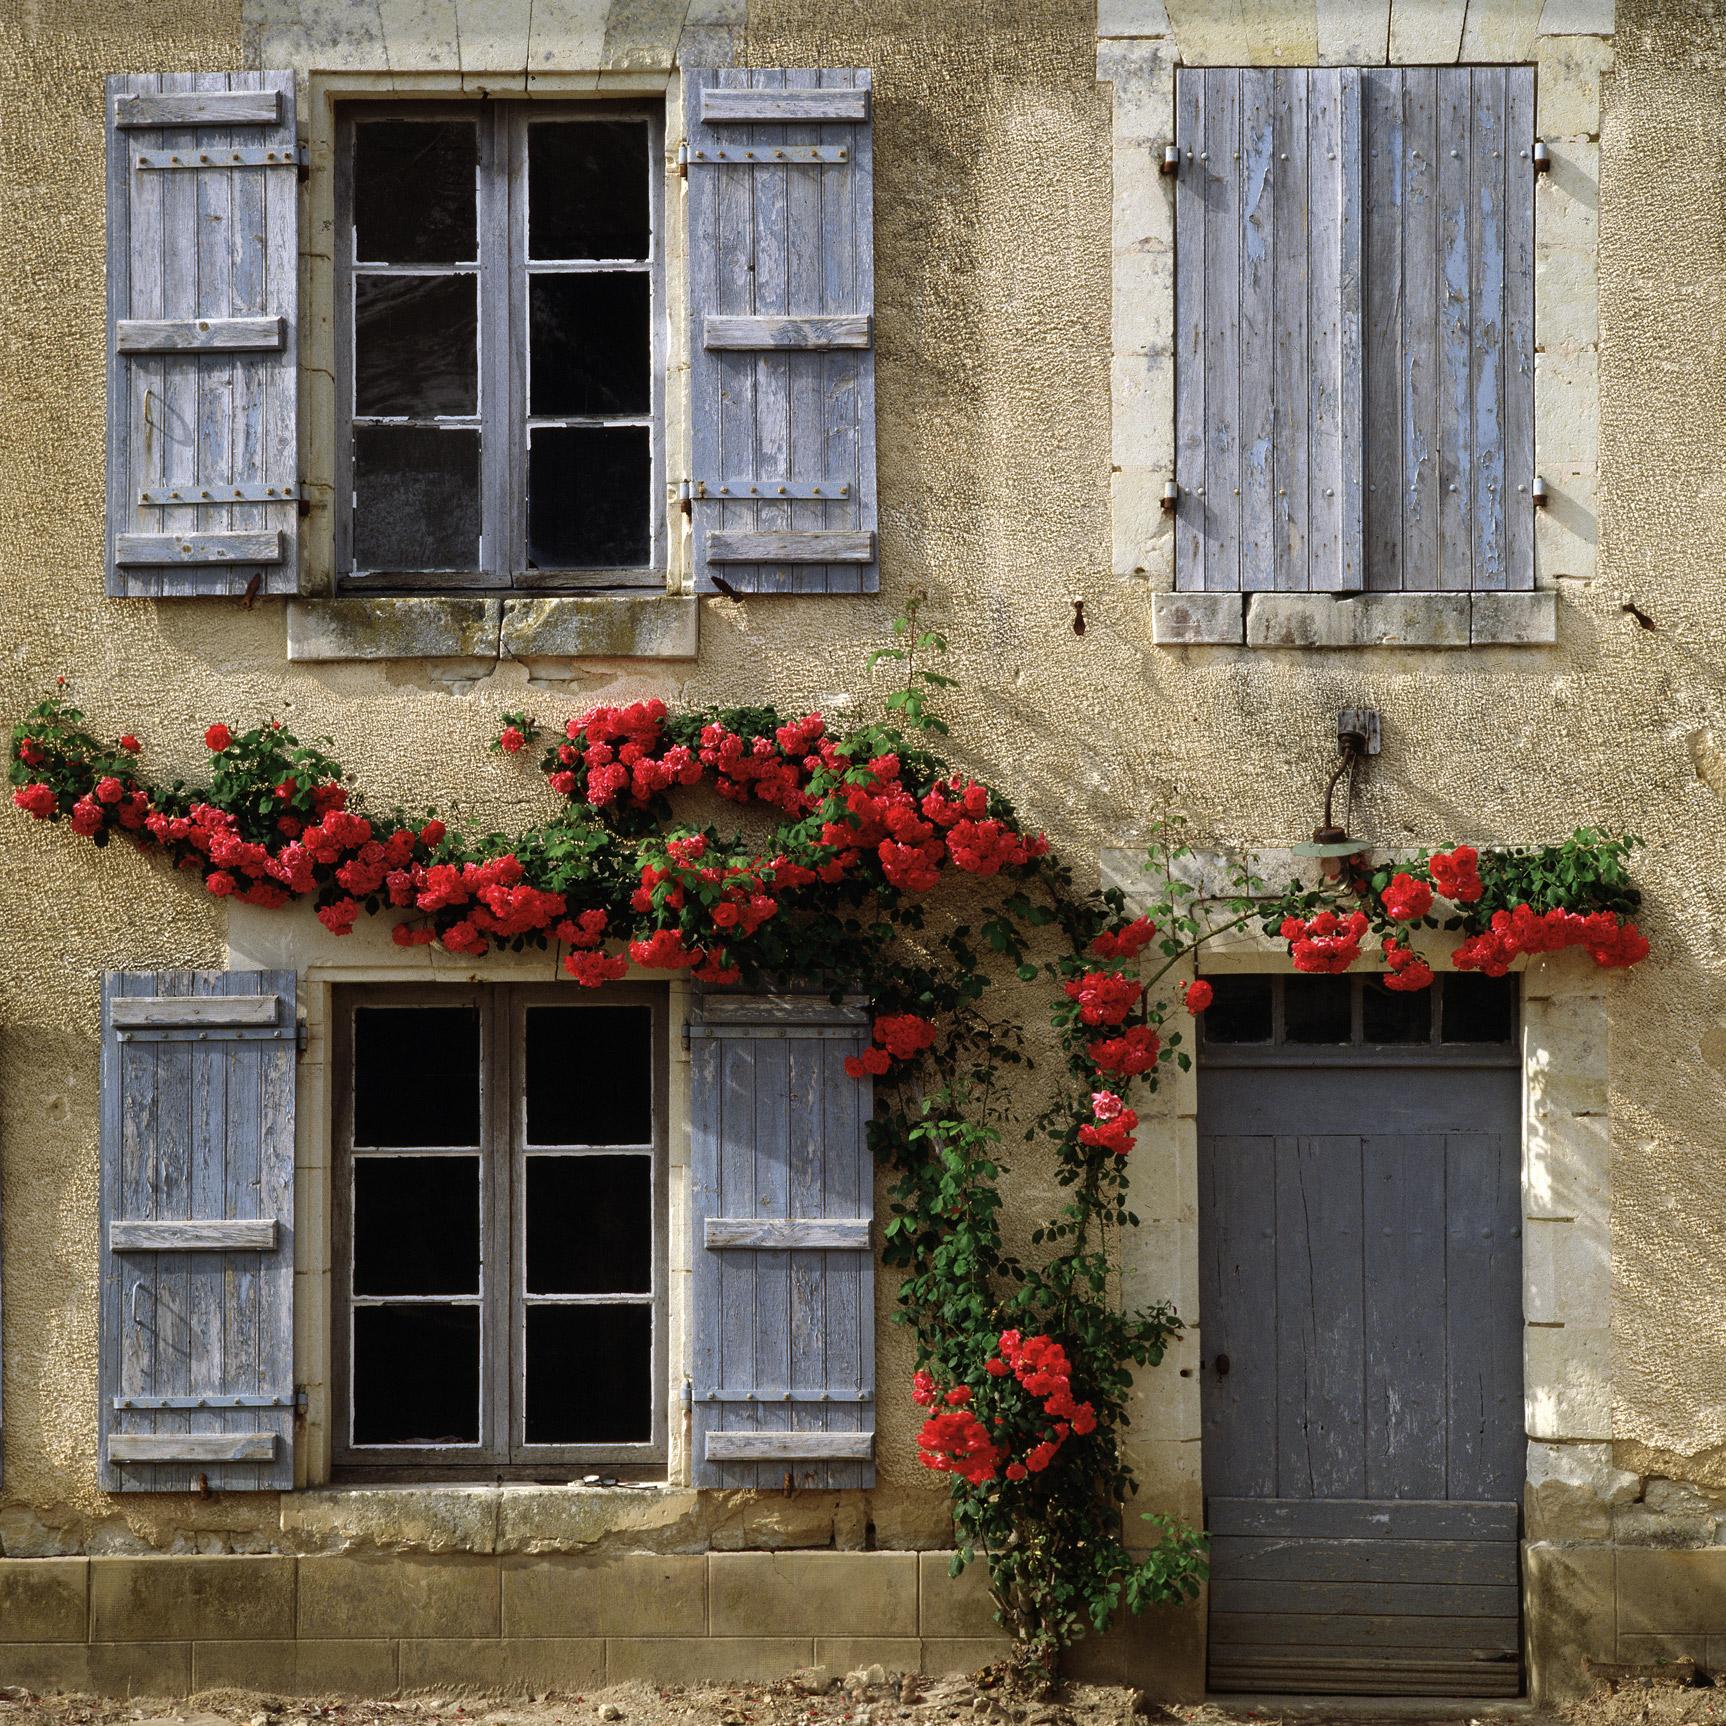 Near Orleans, France (020043)